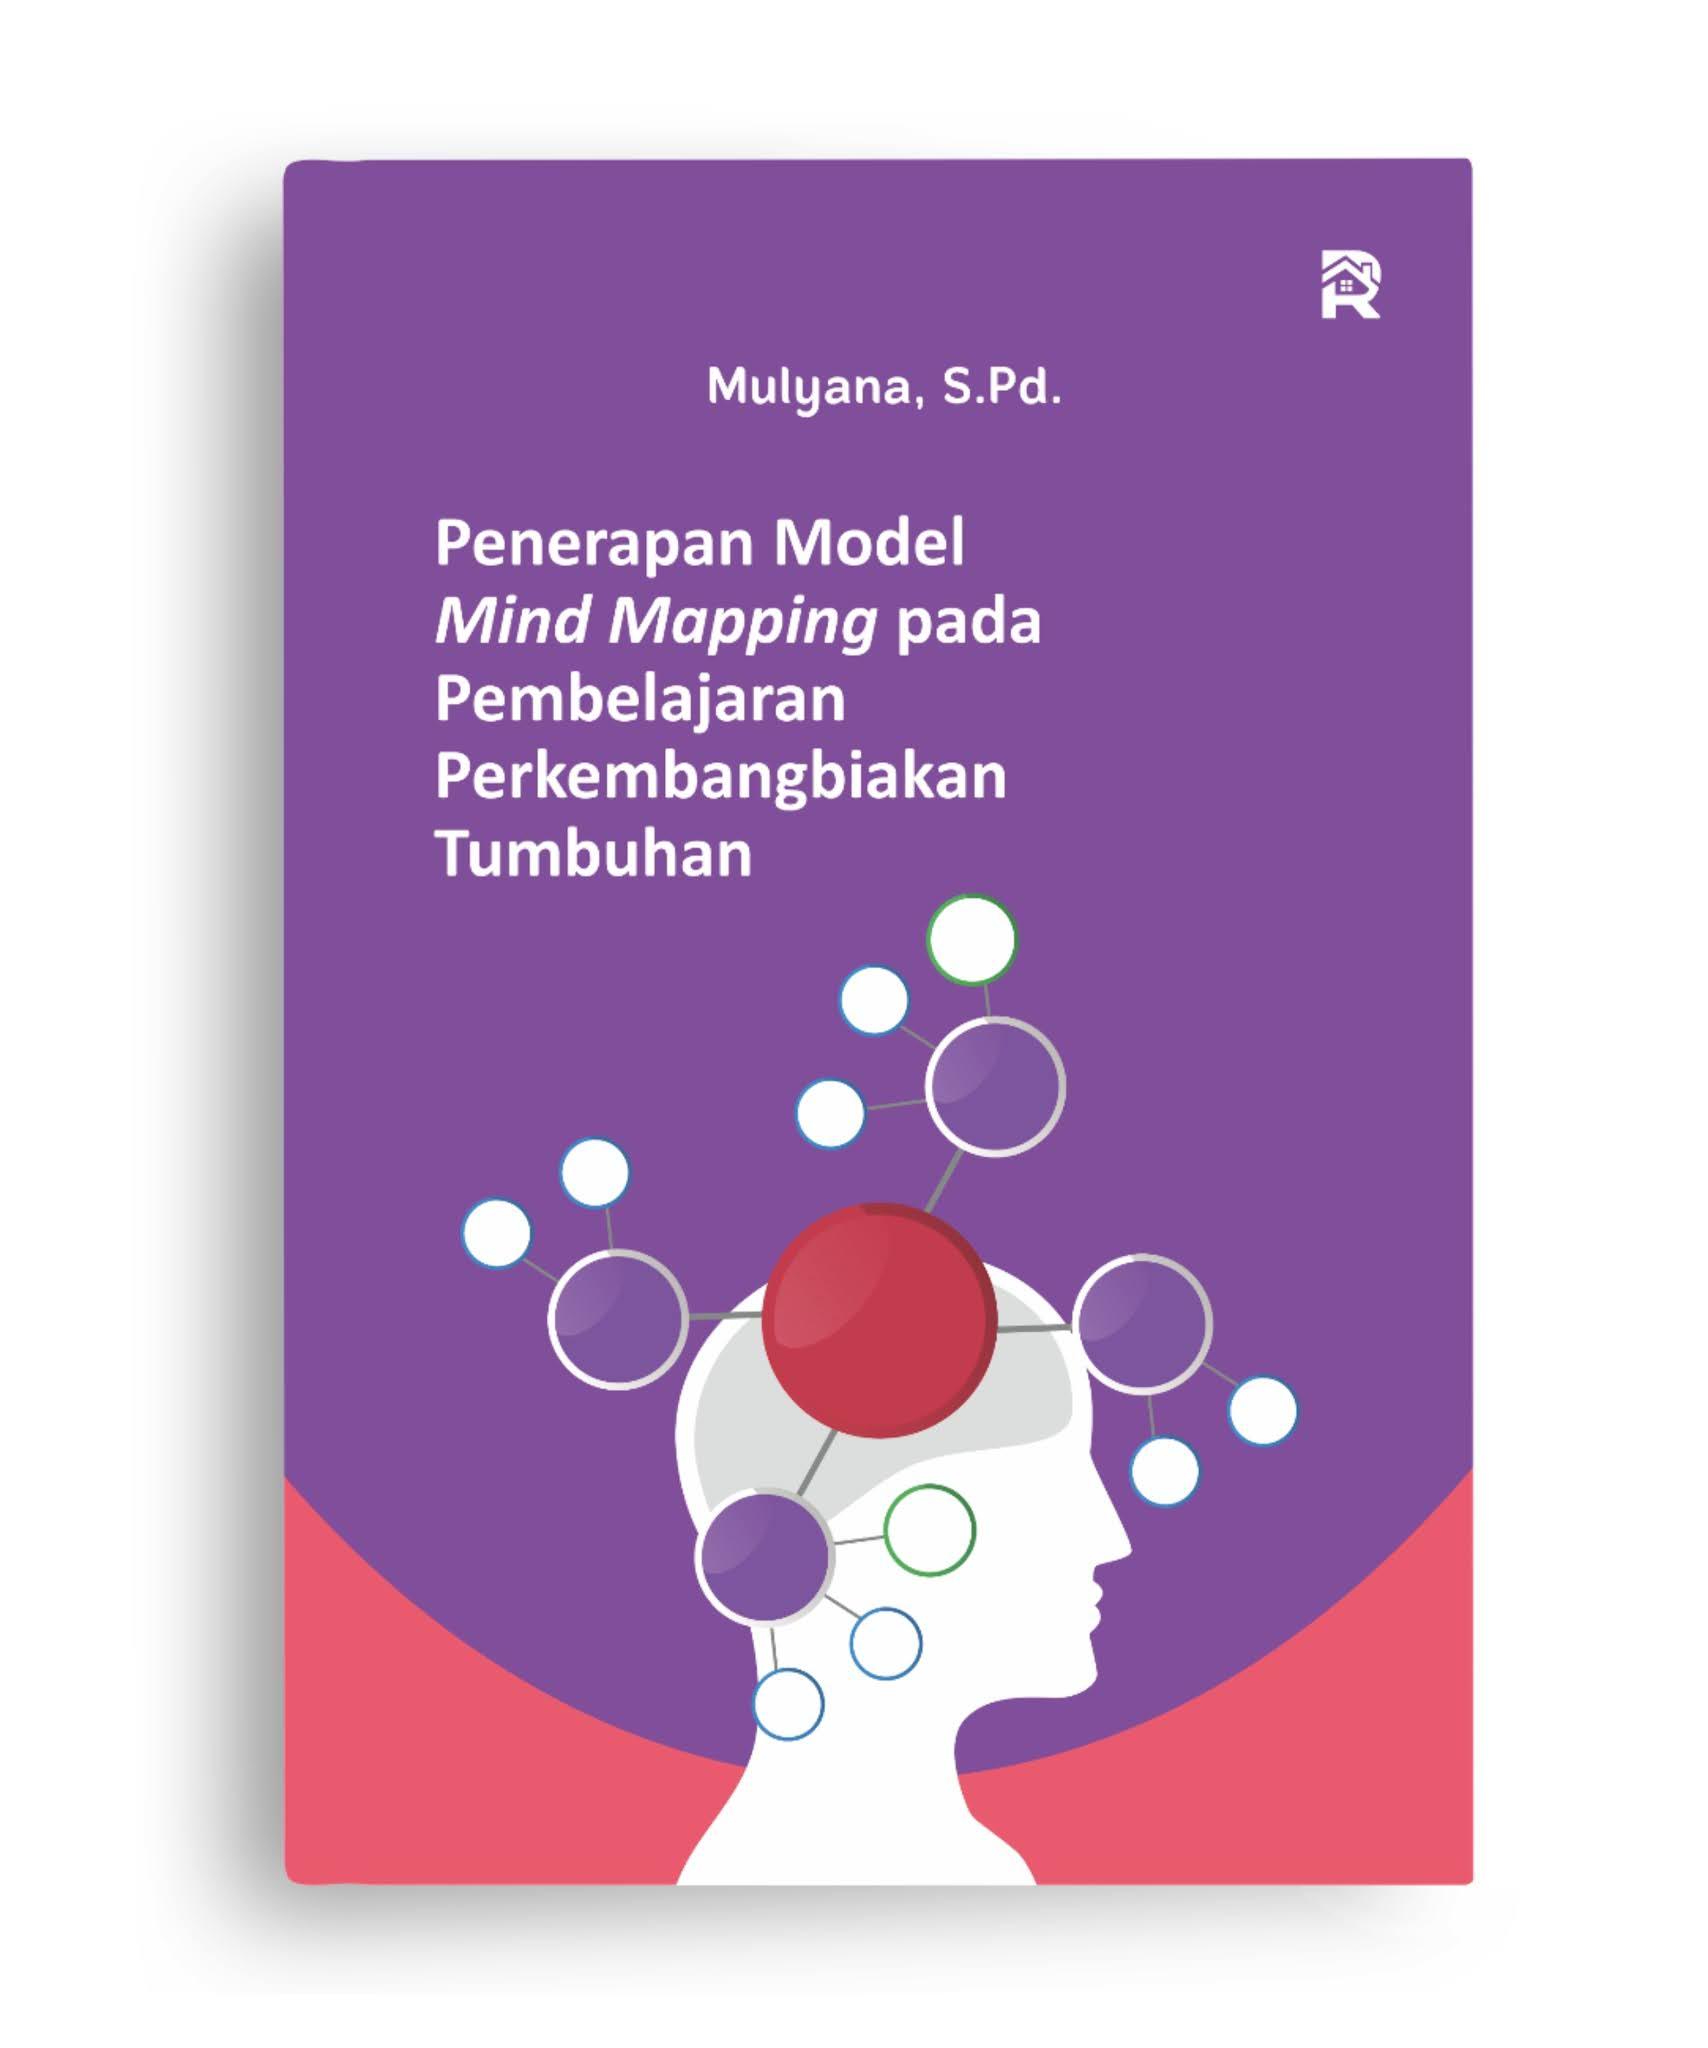 Penerapan Model Mind Mapping pada Pembelajaran Perkembangbiakan Tumbuhan